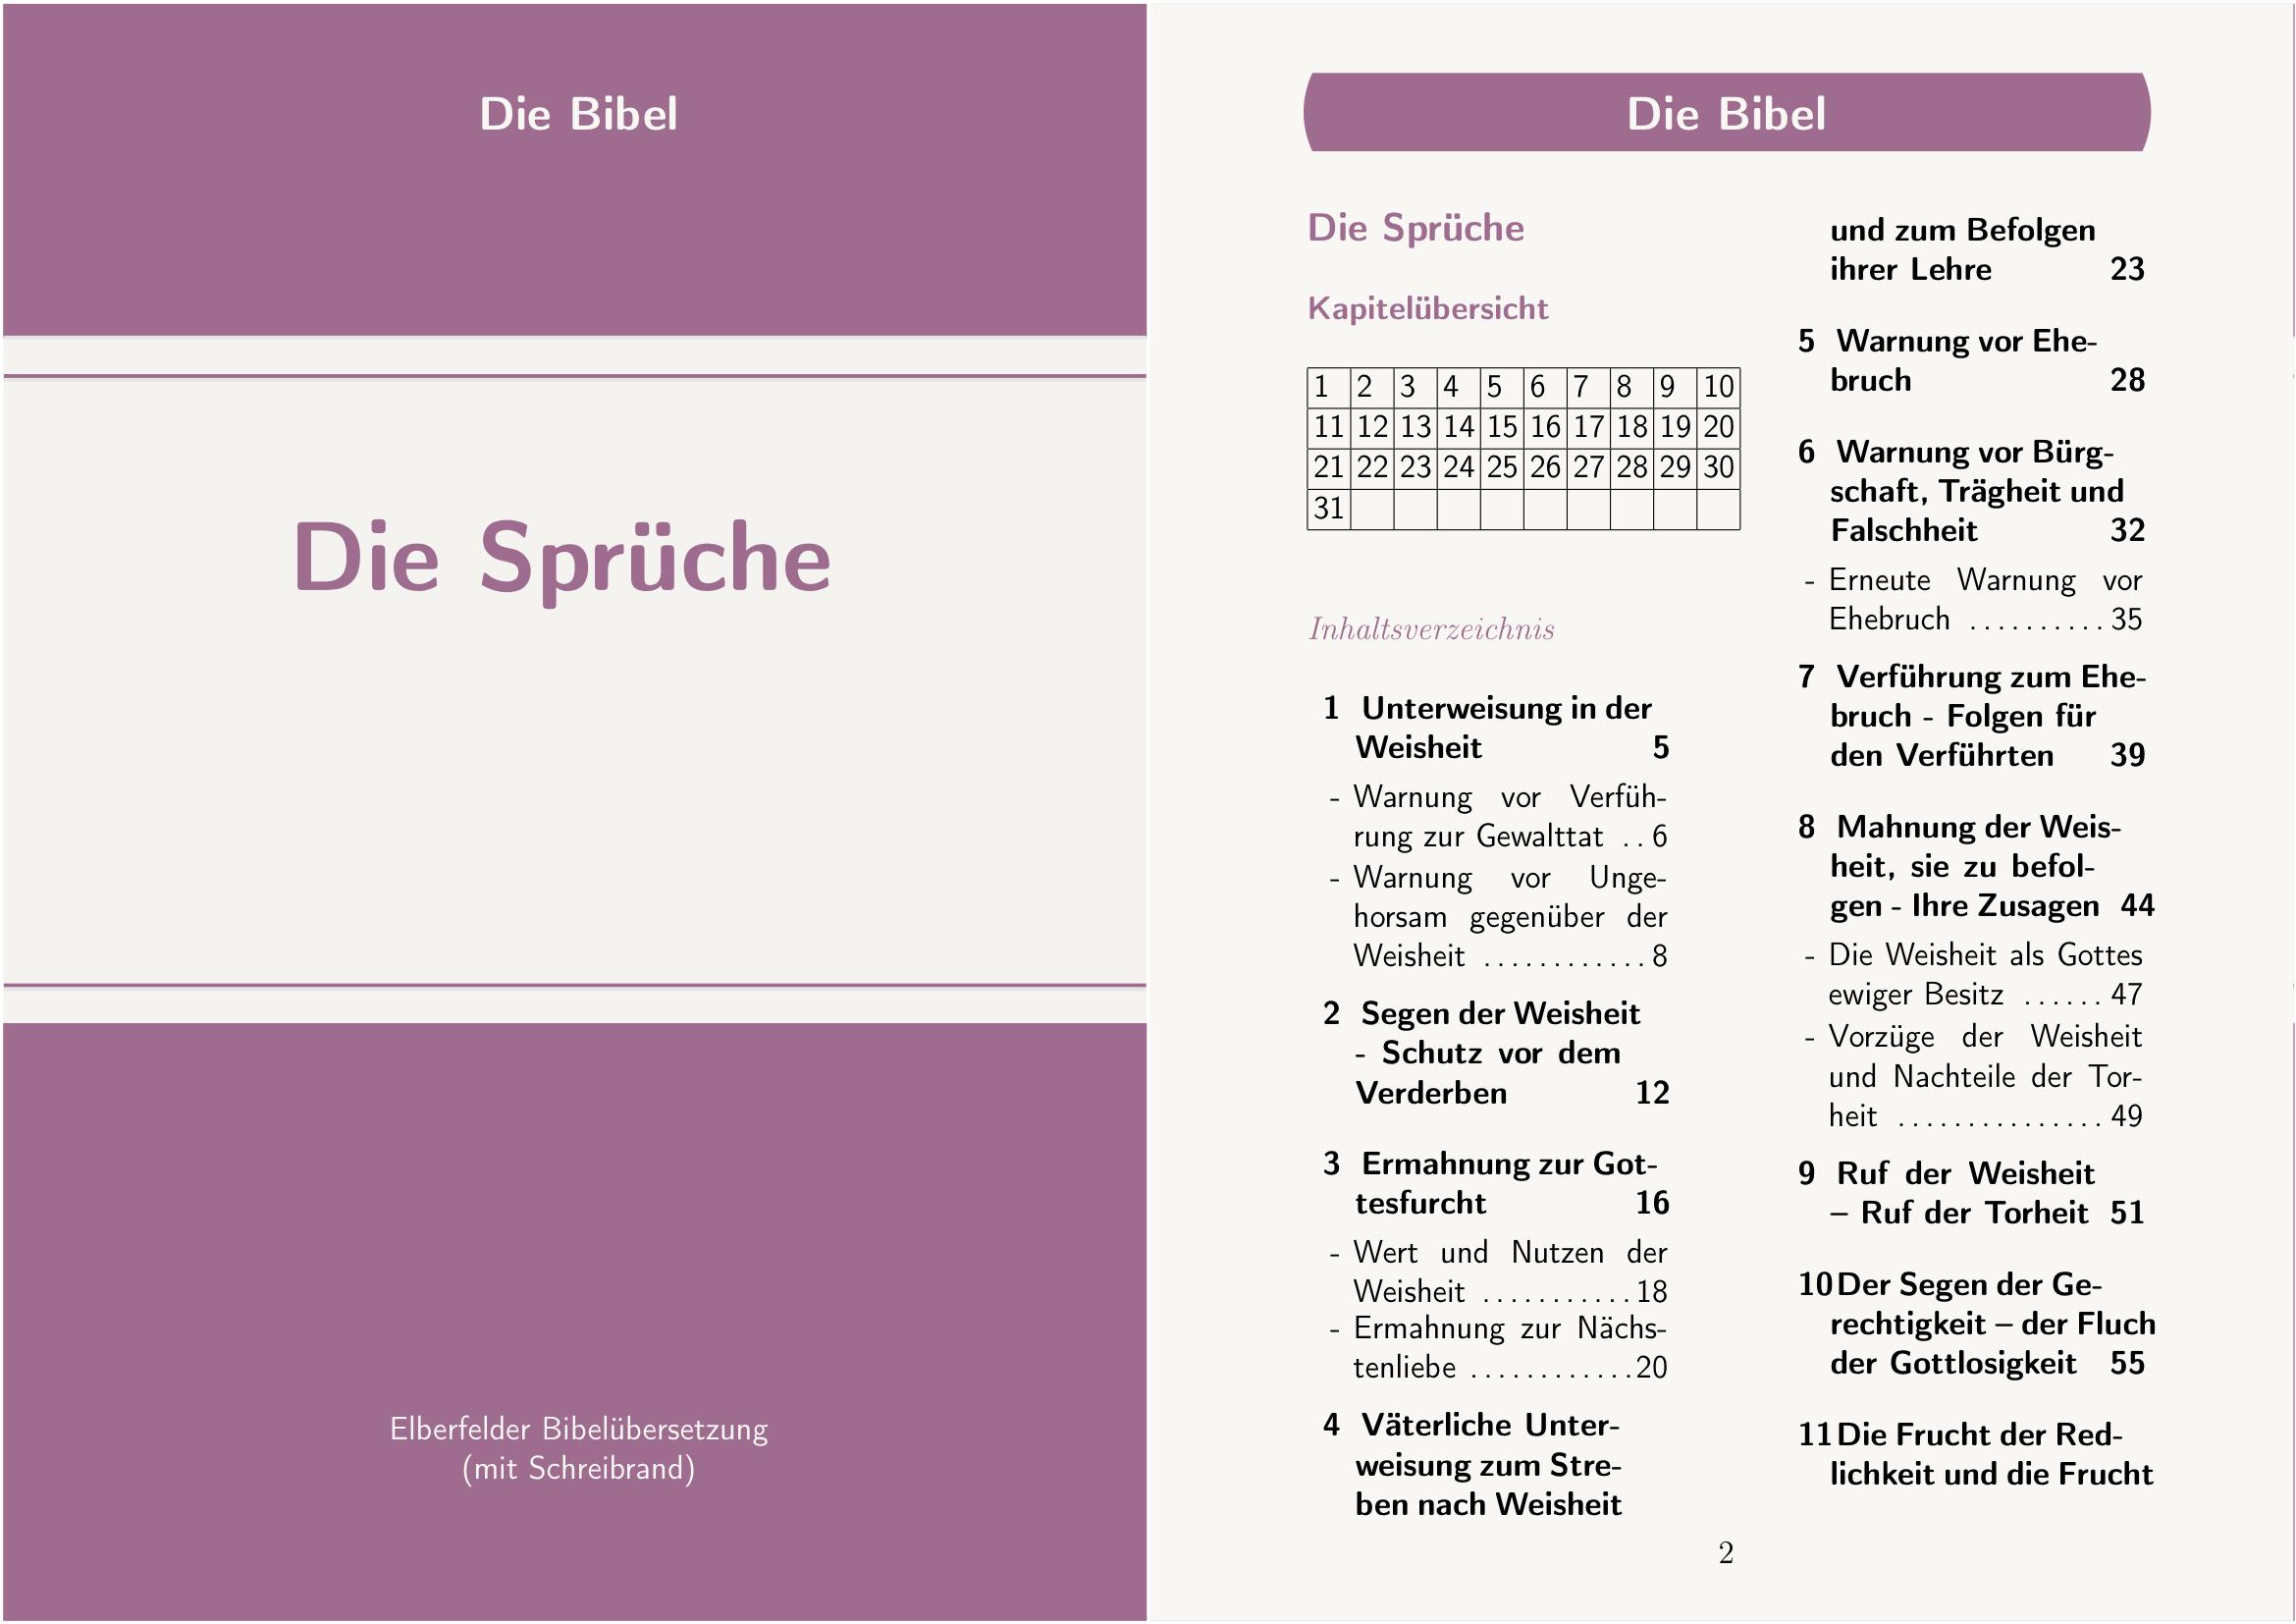 20-die sprüche | daswortgottes.de - homepage zur bibel